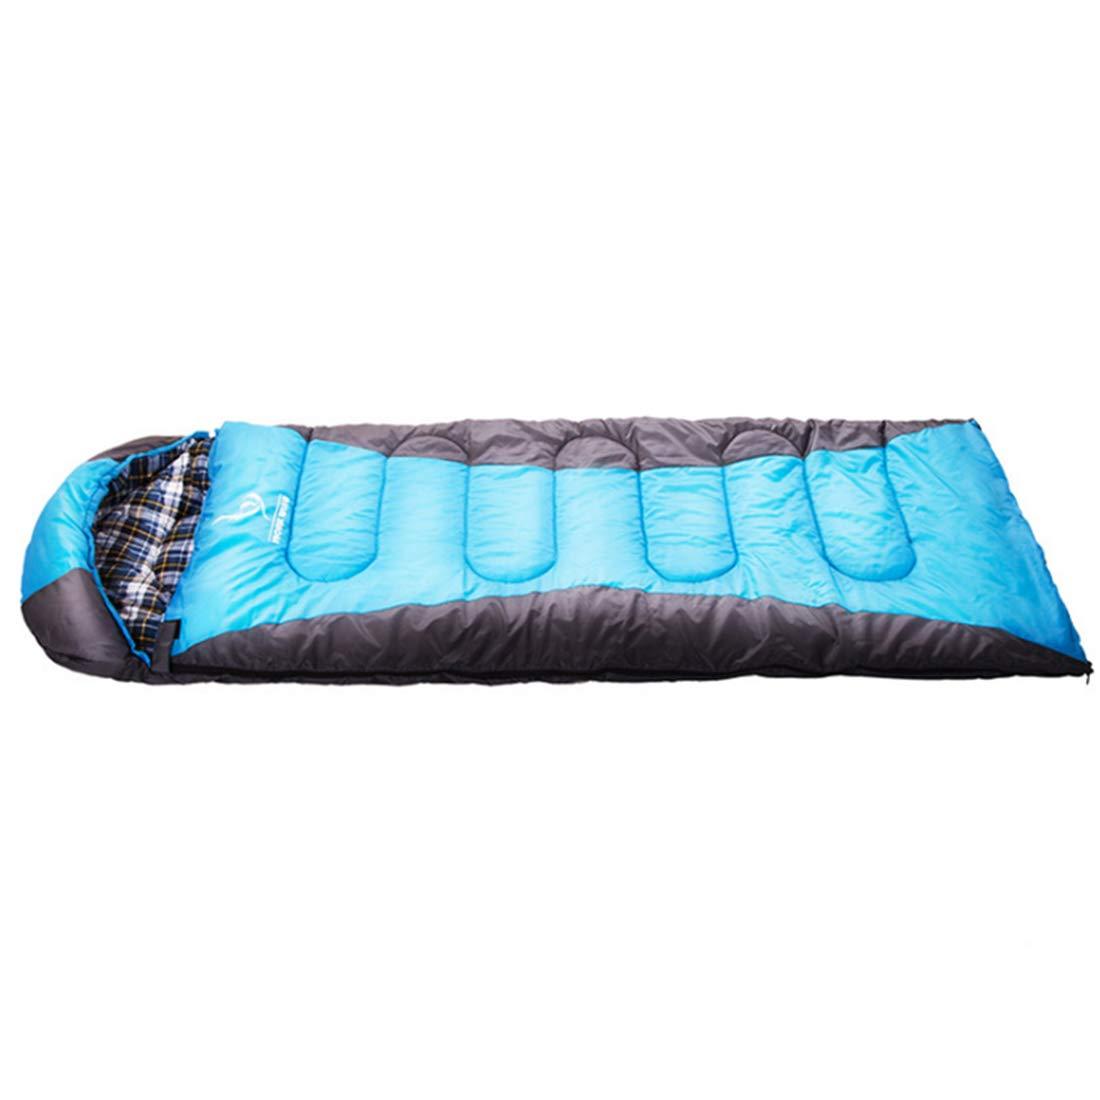 noir bleu  SHIZHESHOP Sac de Compression avec des Sacs de Couchage en Flanelle de Coton Confort pour Les Adultes par Temps Froid